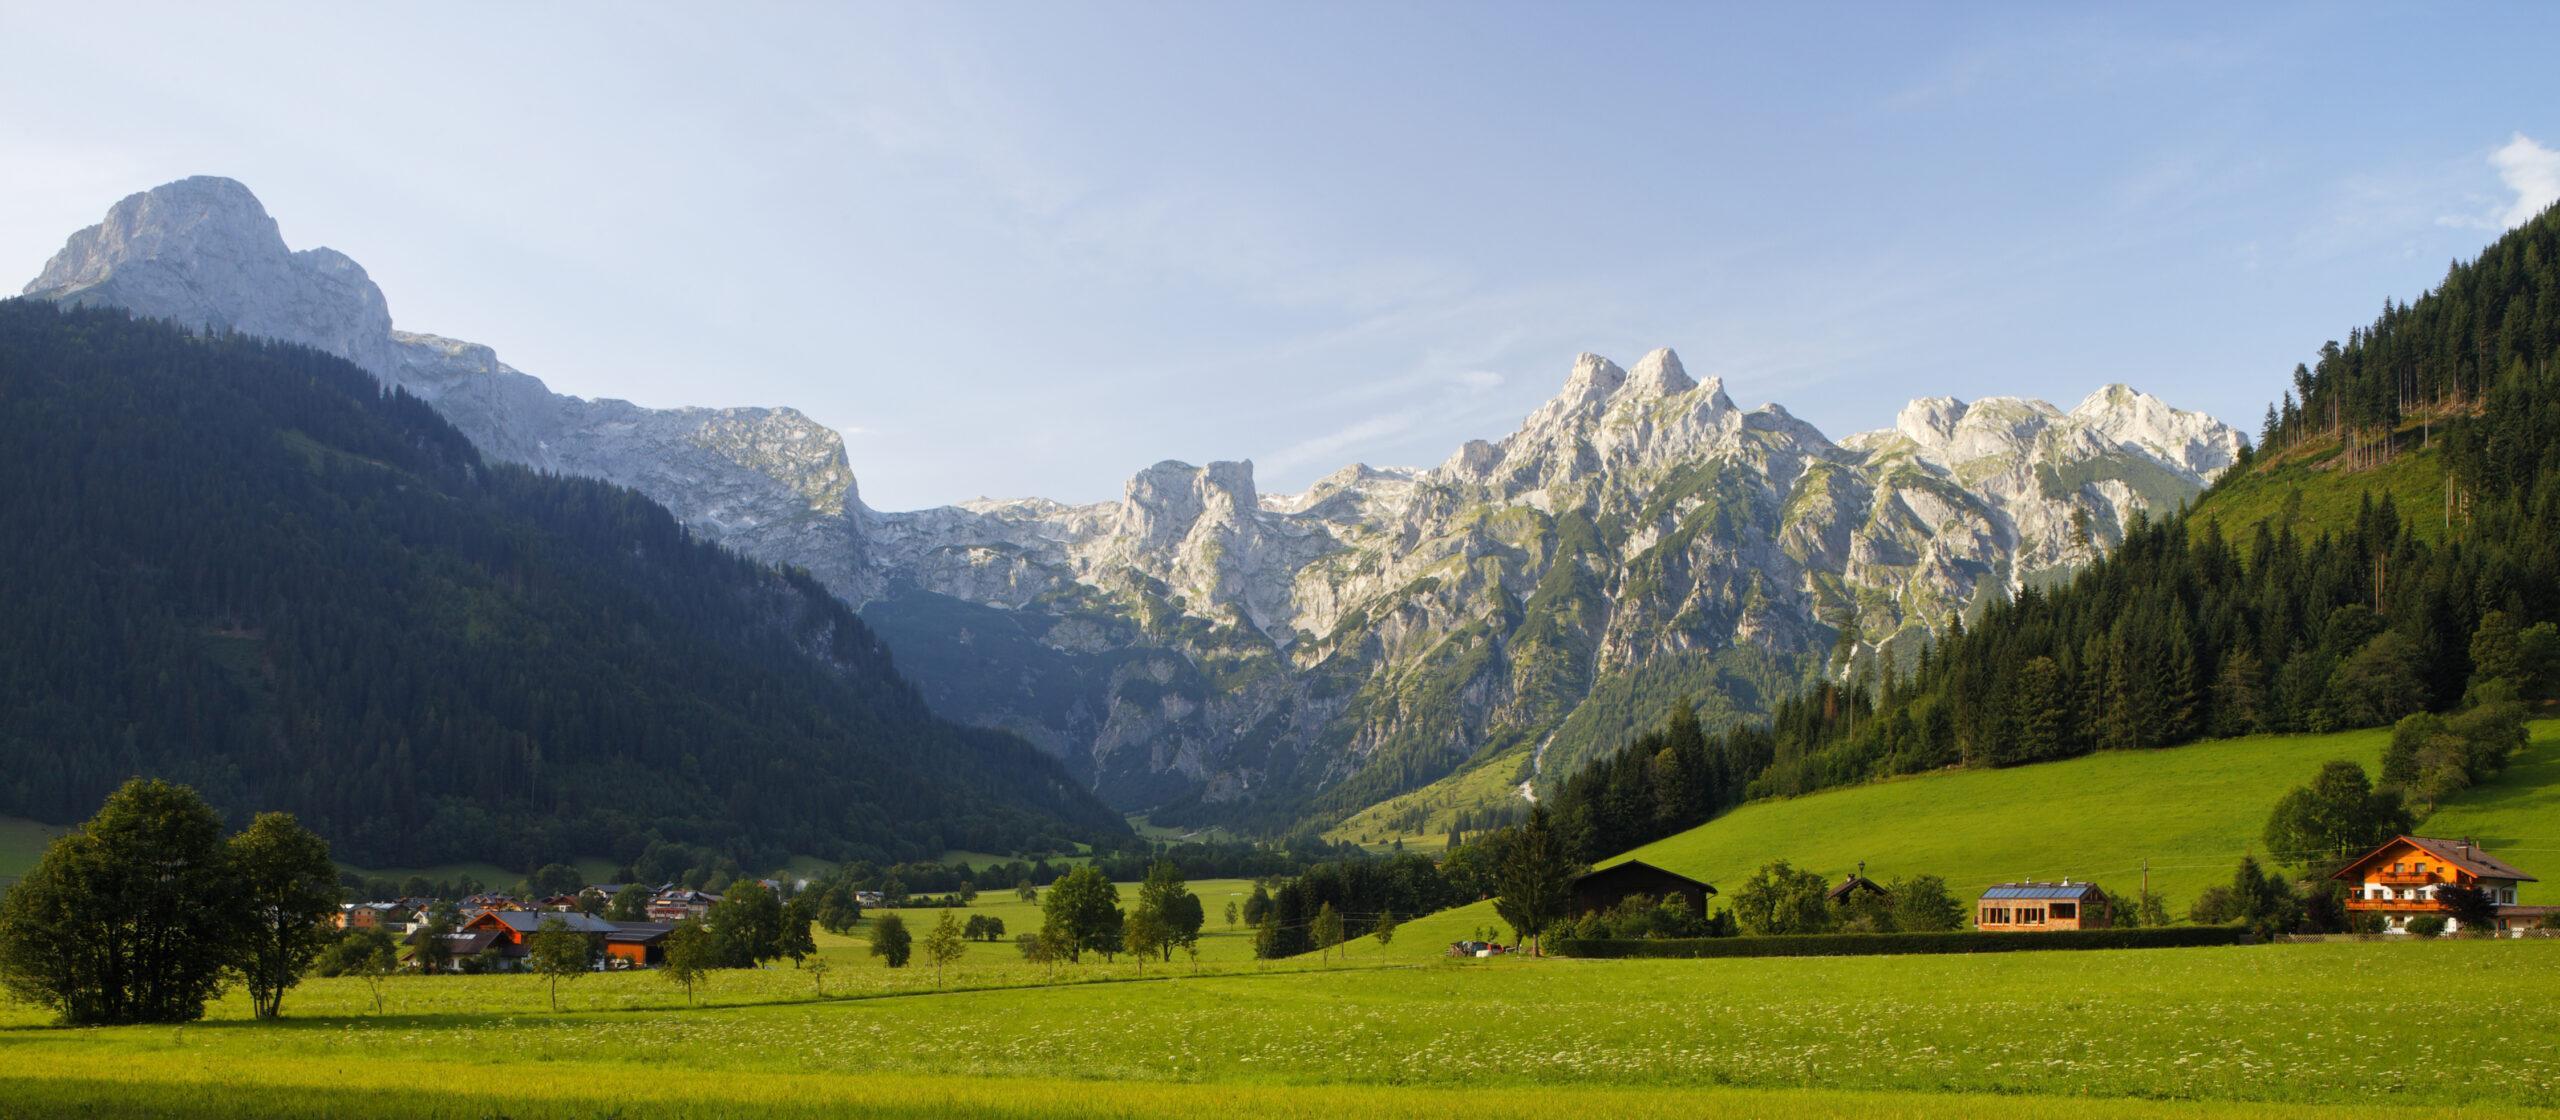 Genusswochenende im Salzburger Land  vom 11.09.-15.09.2019 und 18.09.-22.09.2019